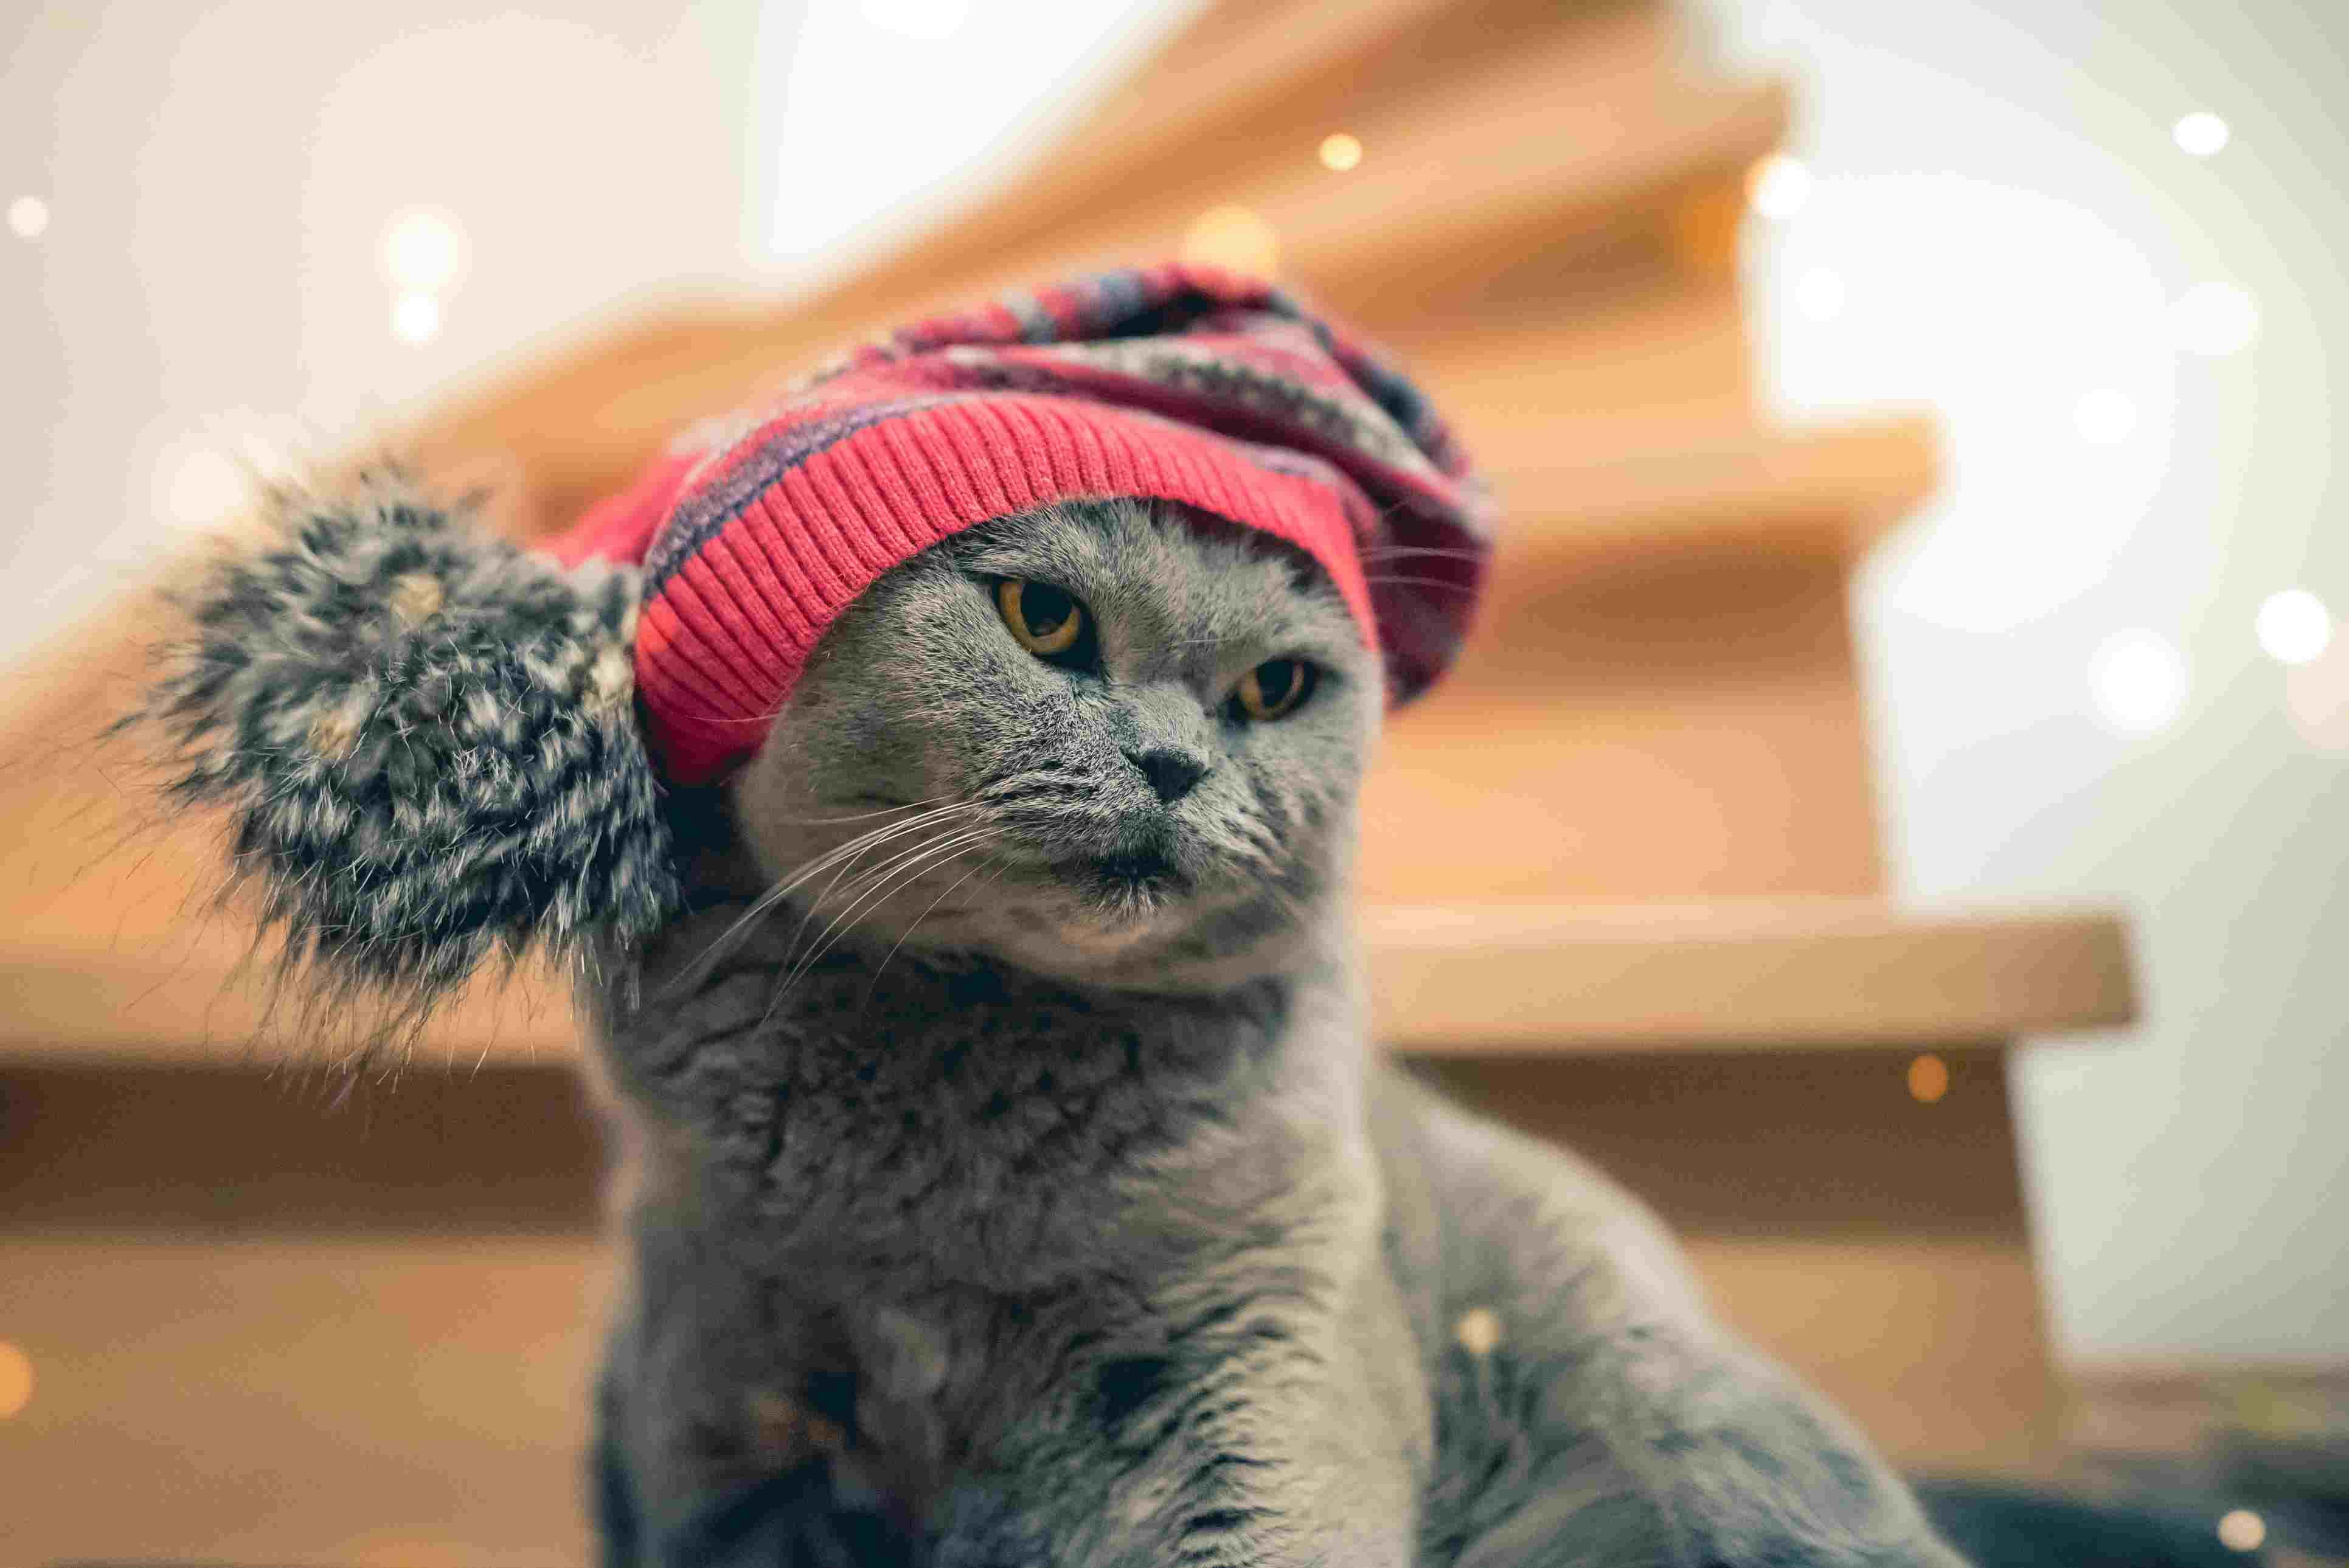 Cat wearing stocking hat